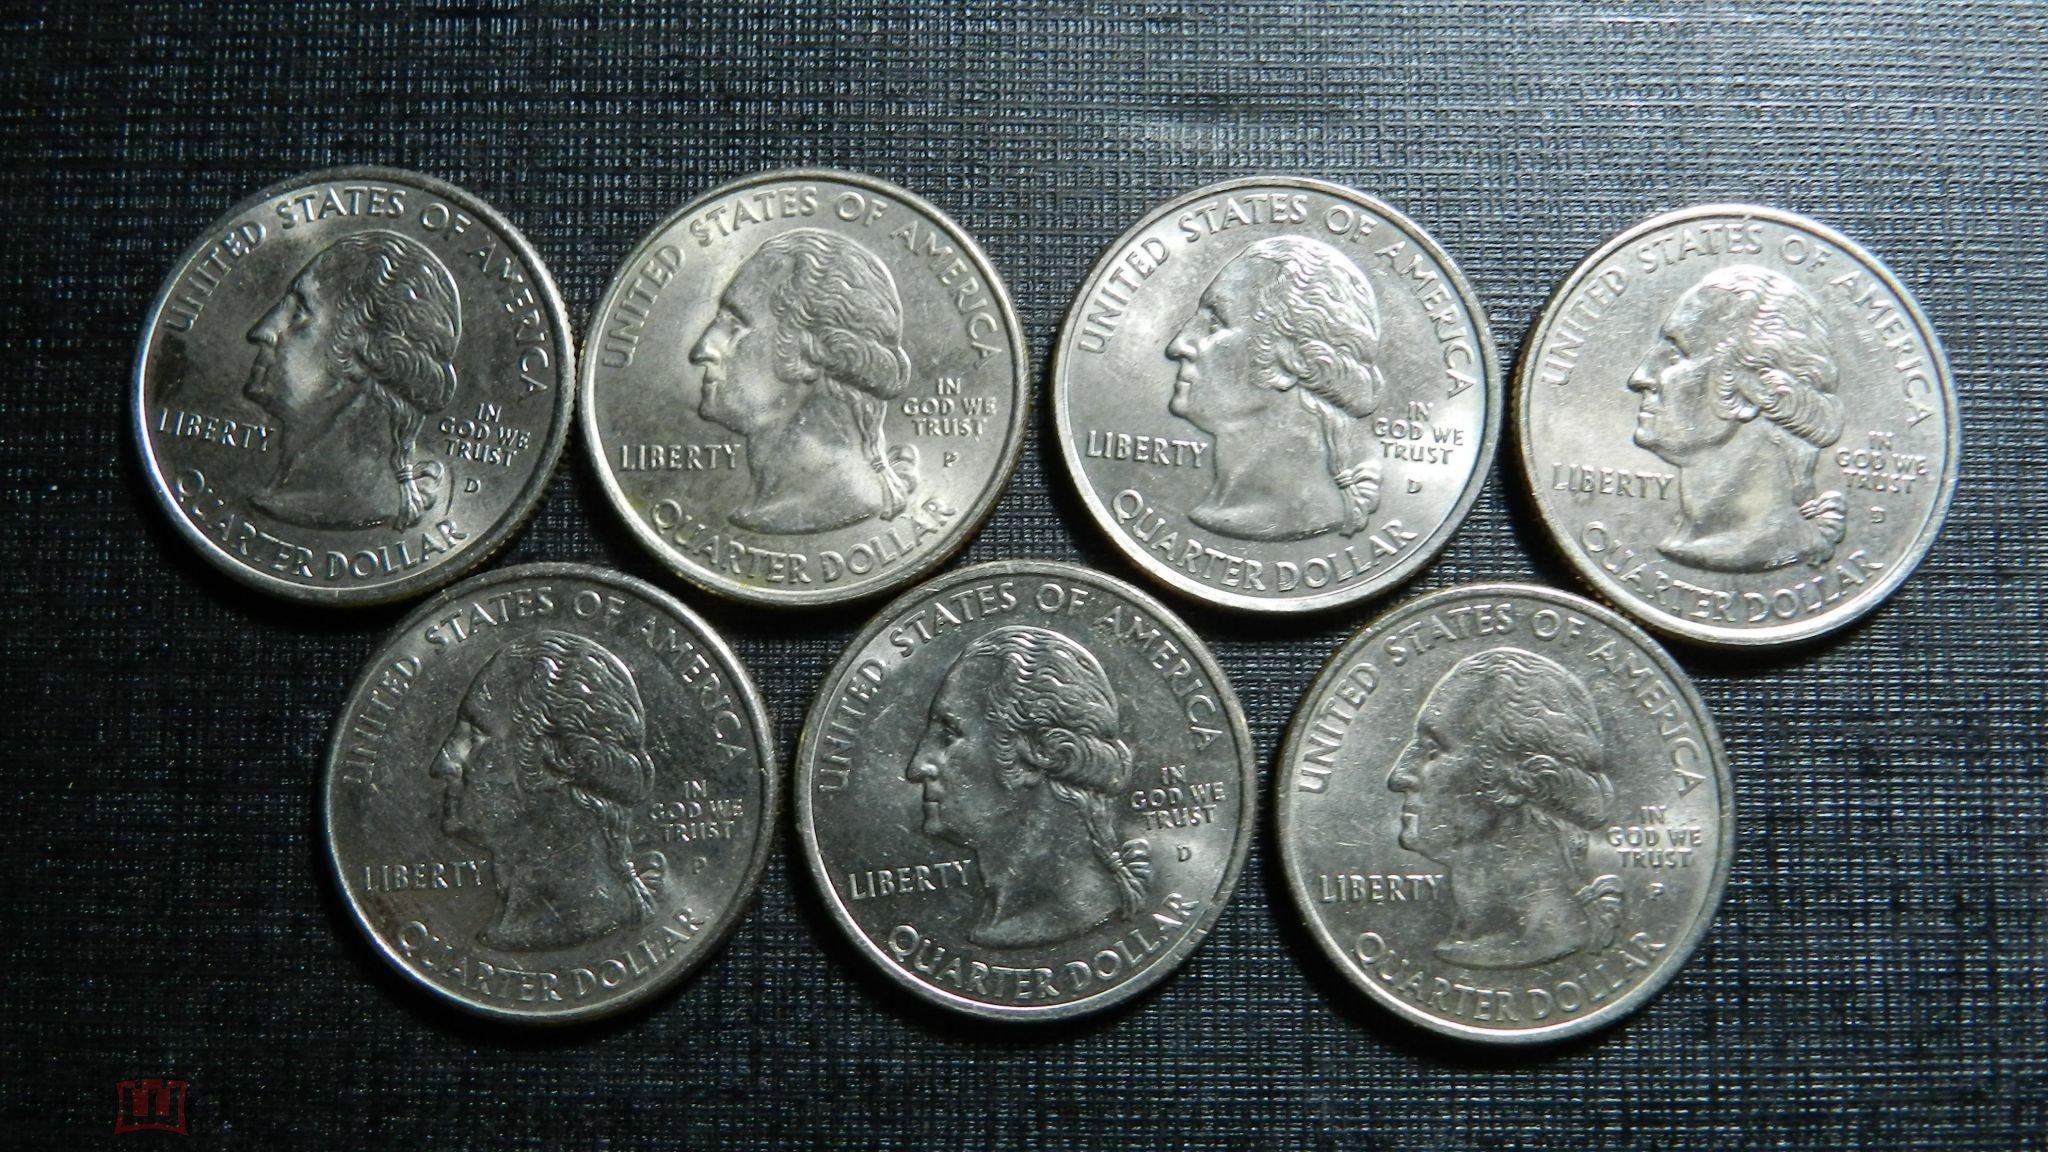 США , 25 центов 2000 г. Квотер . штат Вирджиния .